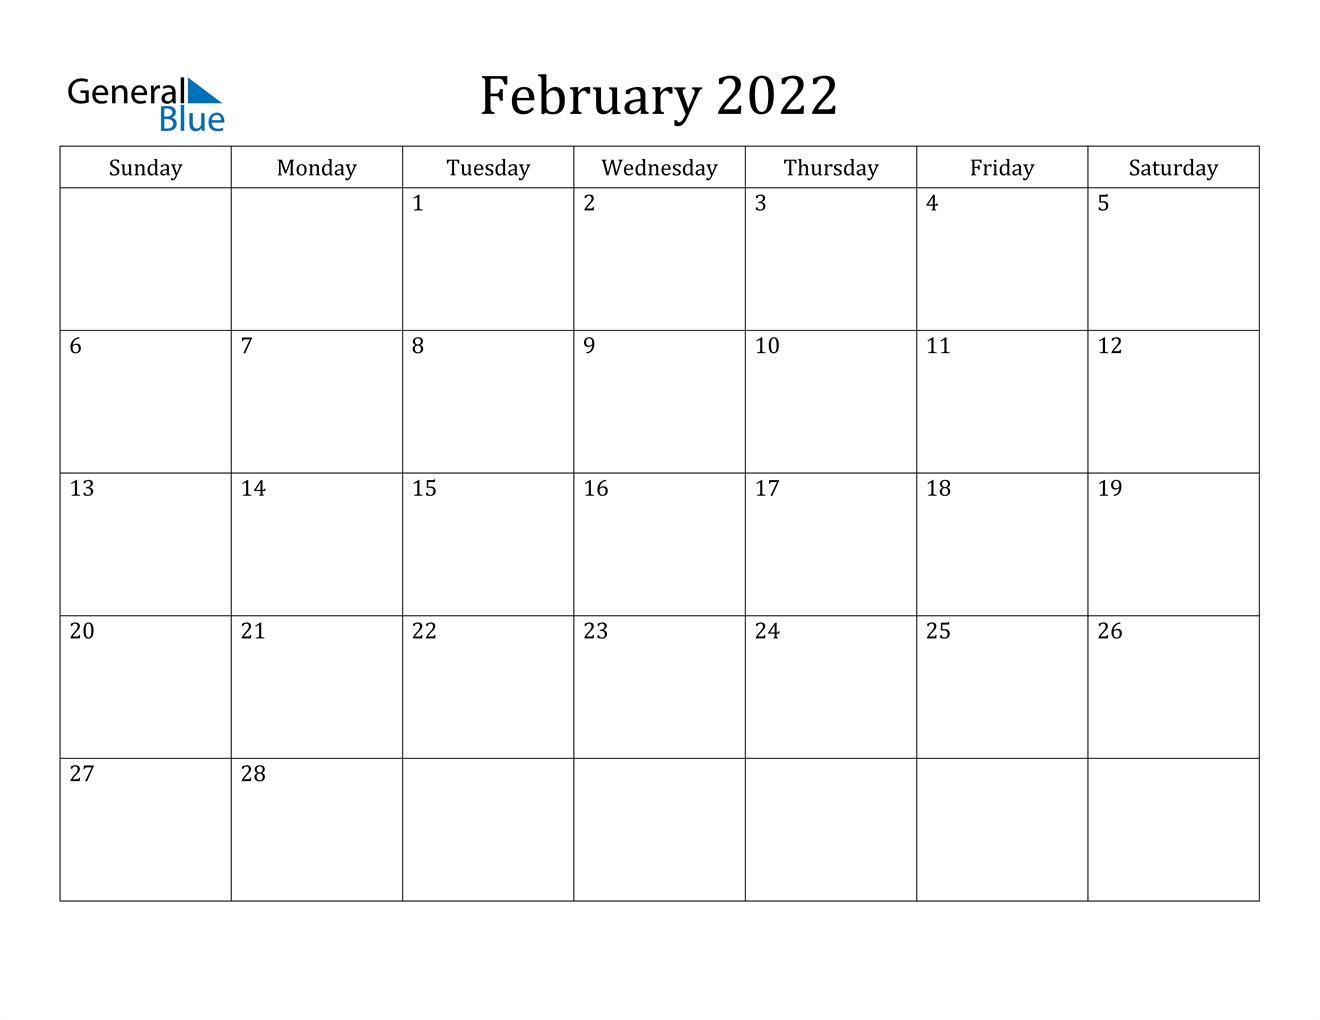 Image of February 2022 Classic Professional Calendar Calendar